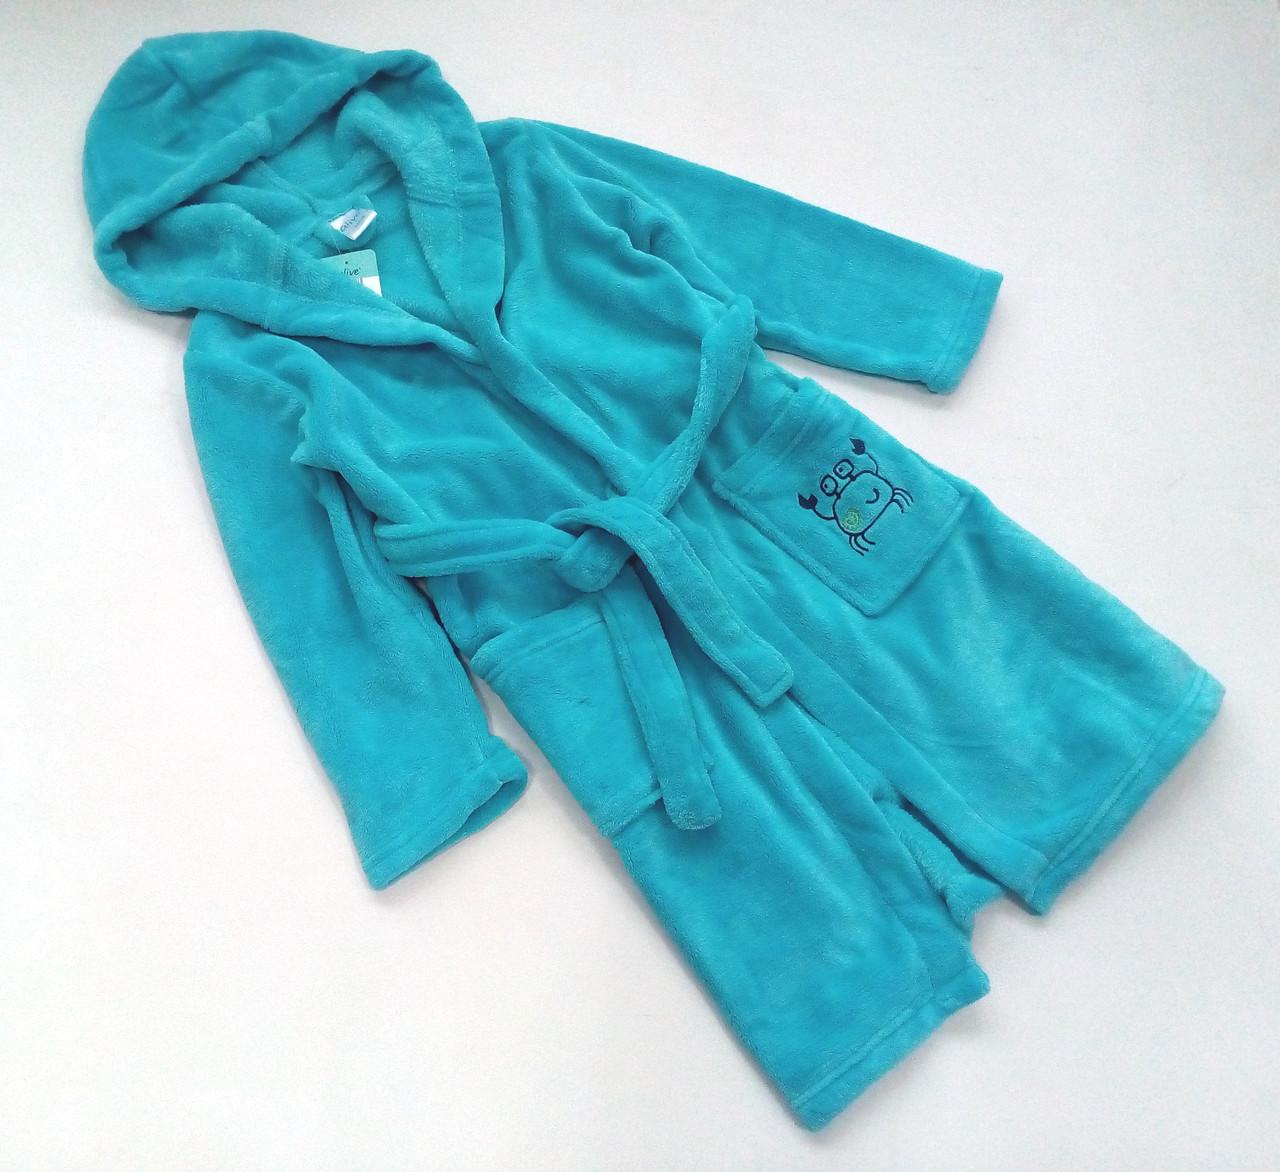 f3d898a5d8cb1 Голубой махровый халат для мальчика Alive - Магазин семейных покупок